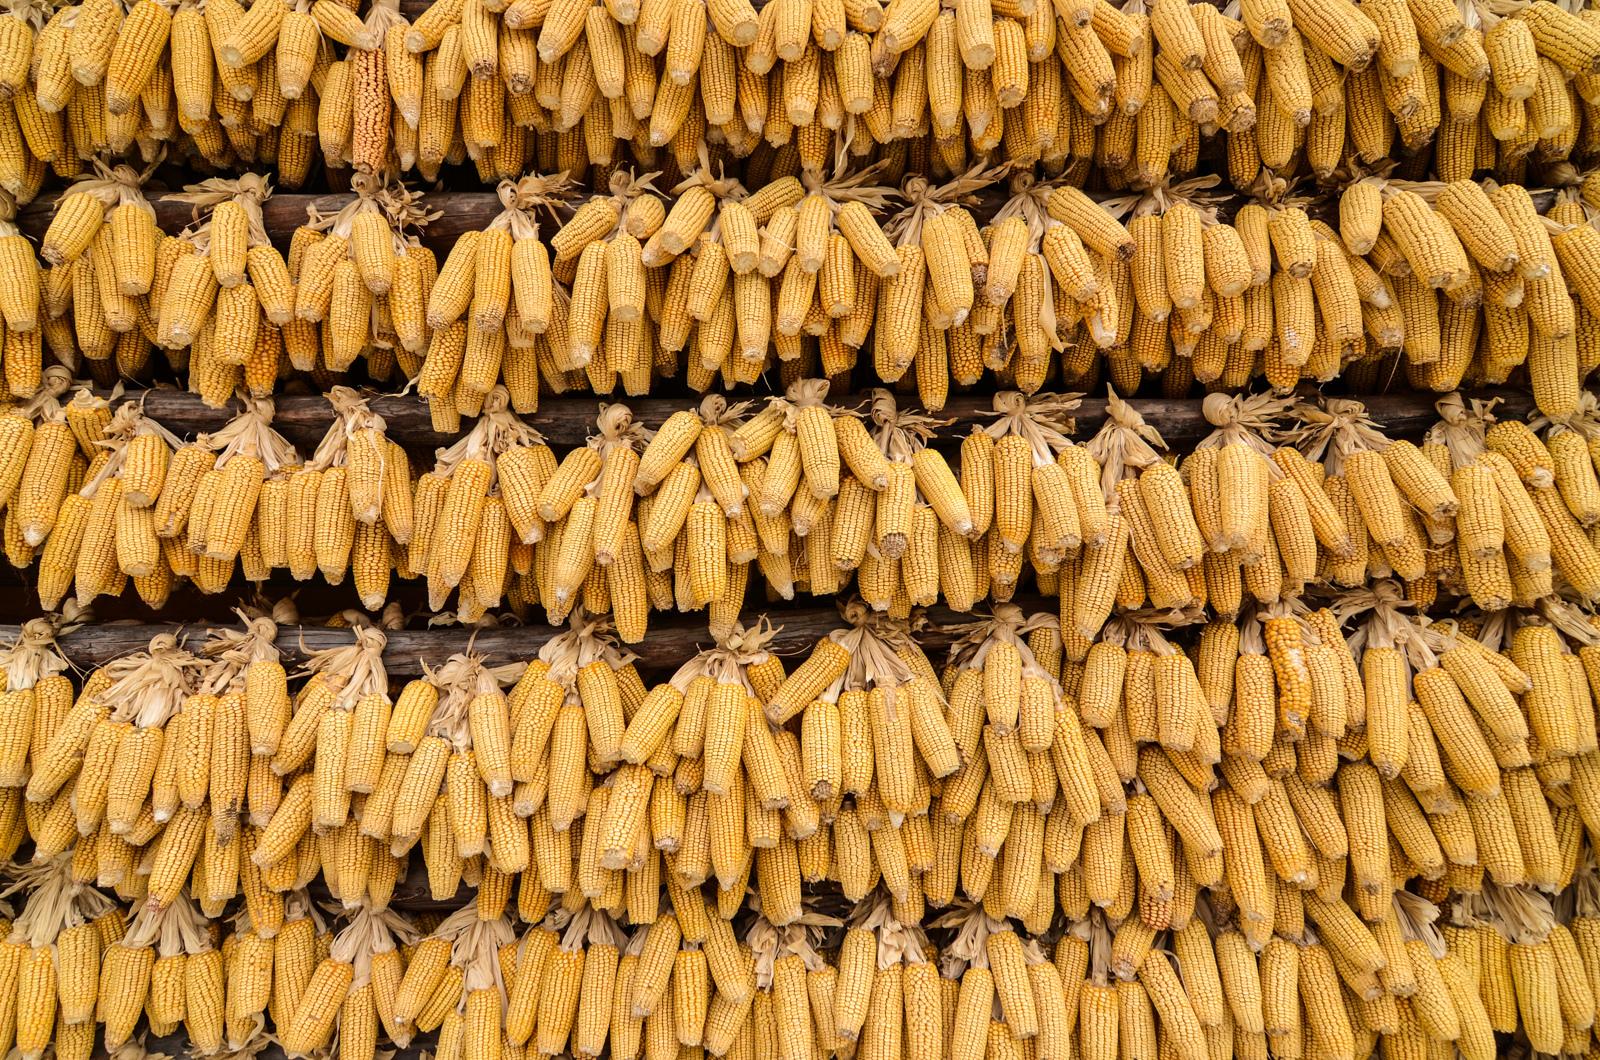 Mur de maïs